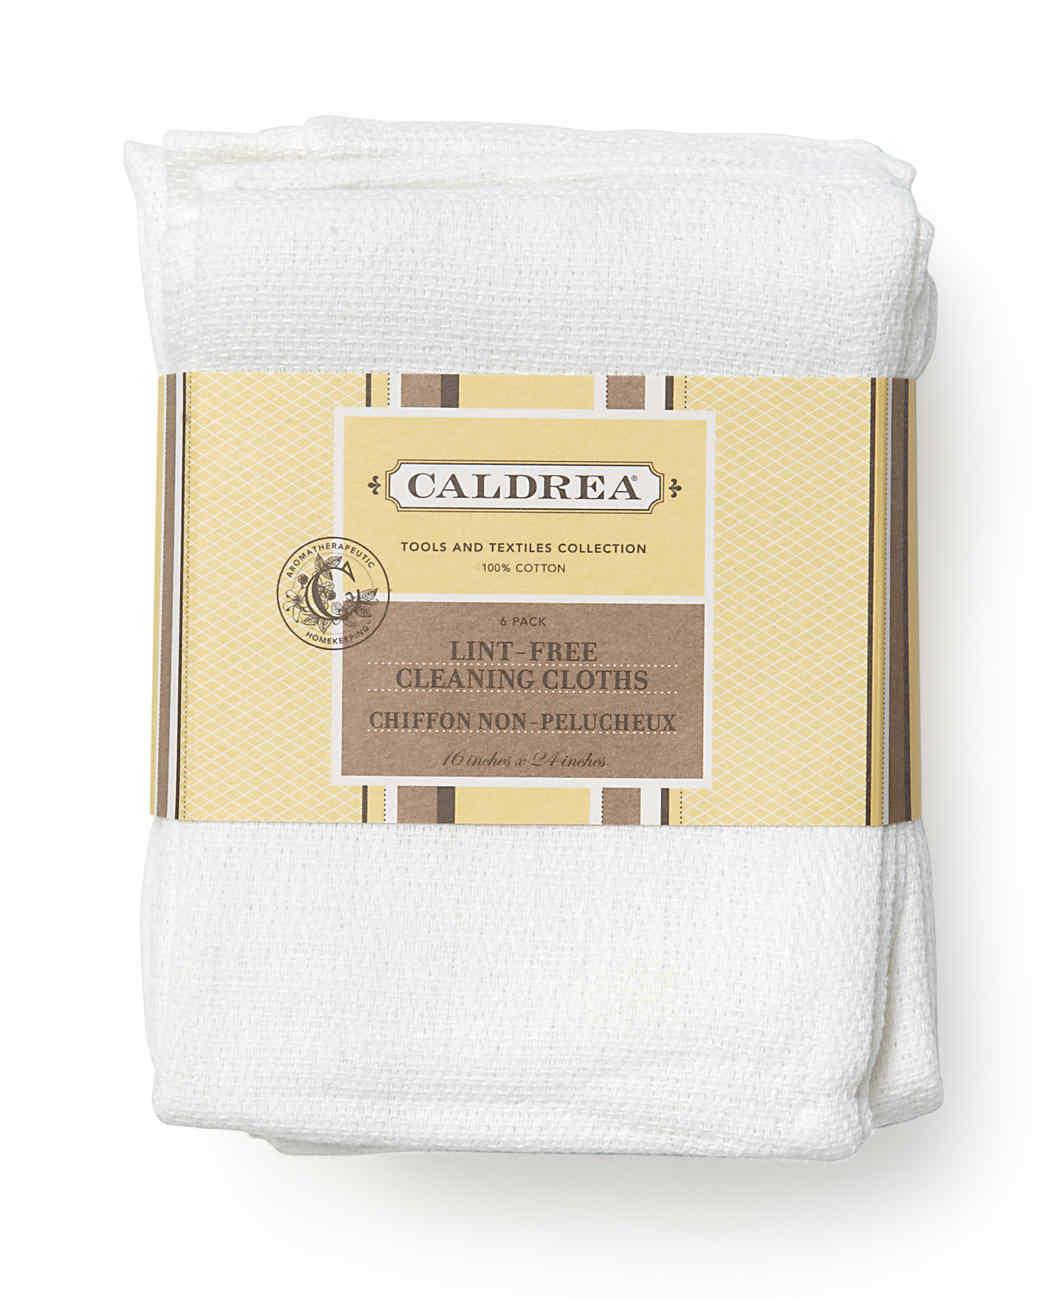 caldrea-lint-free-clothes-mld108211.jpg